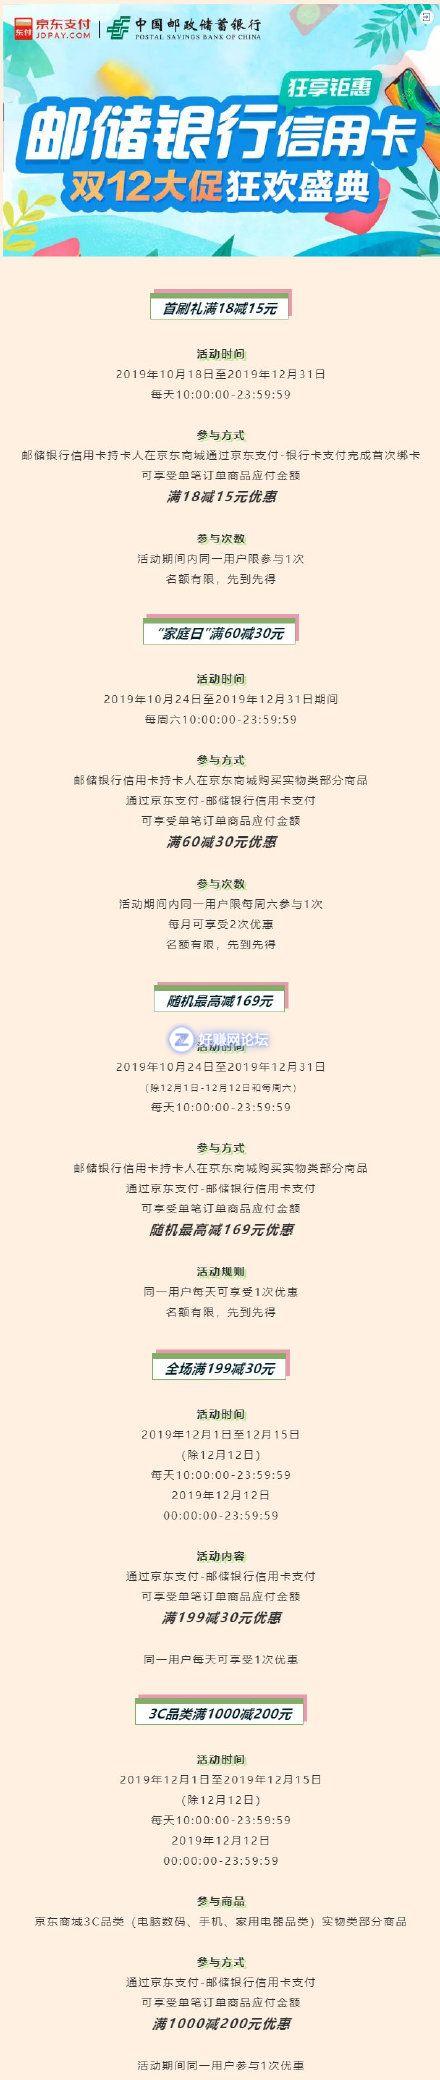 邮储银行信用卡 x 京东